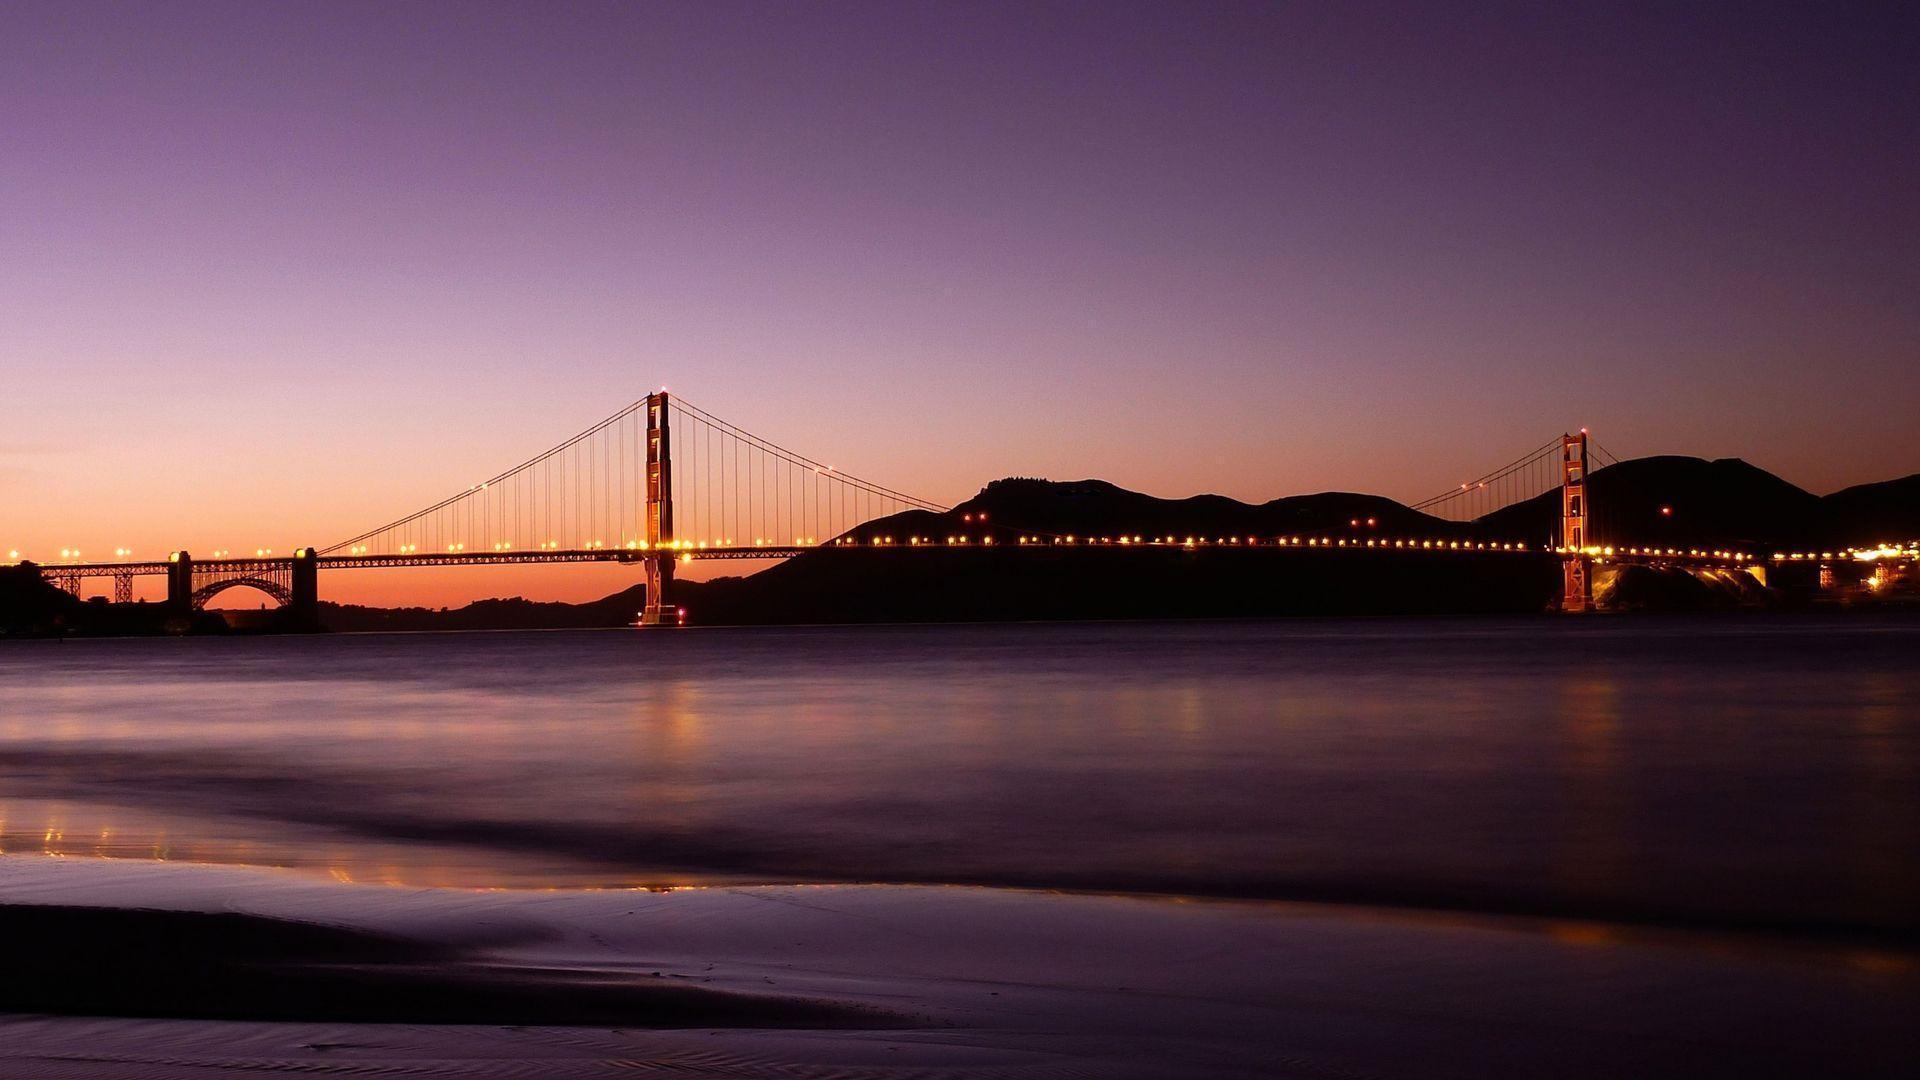 Golden Gate Bridge Wallpaper Hd wallpaper - 1129007